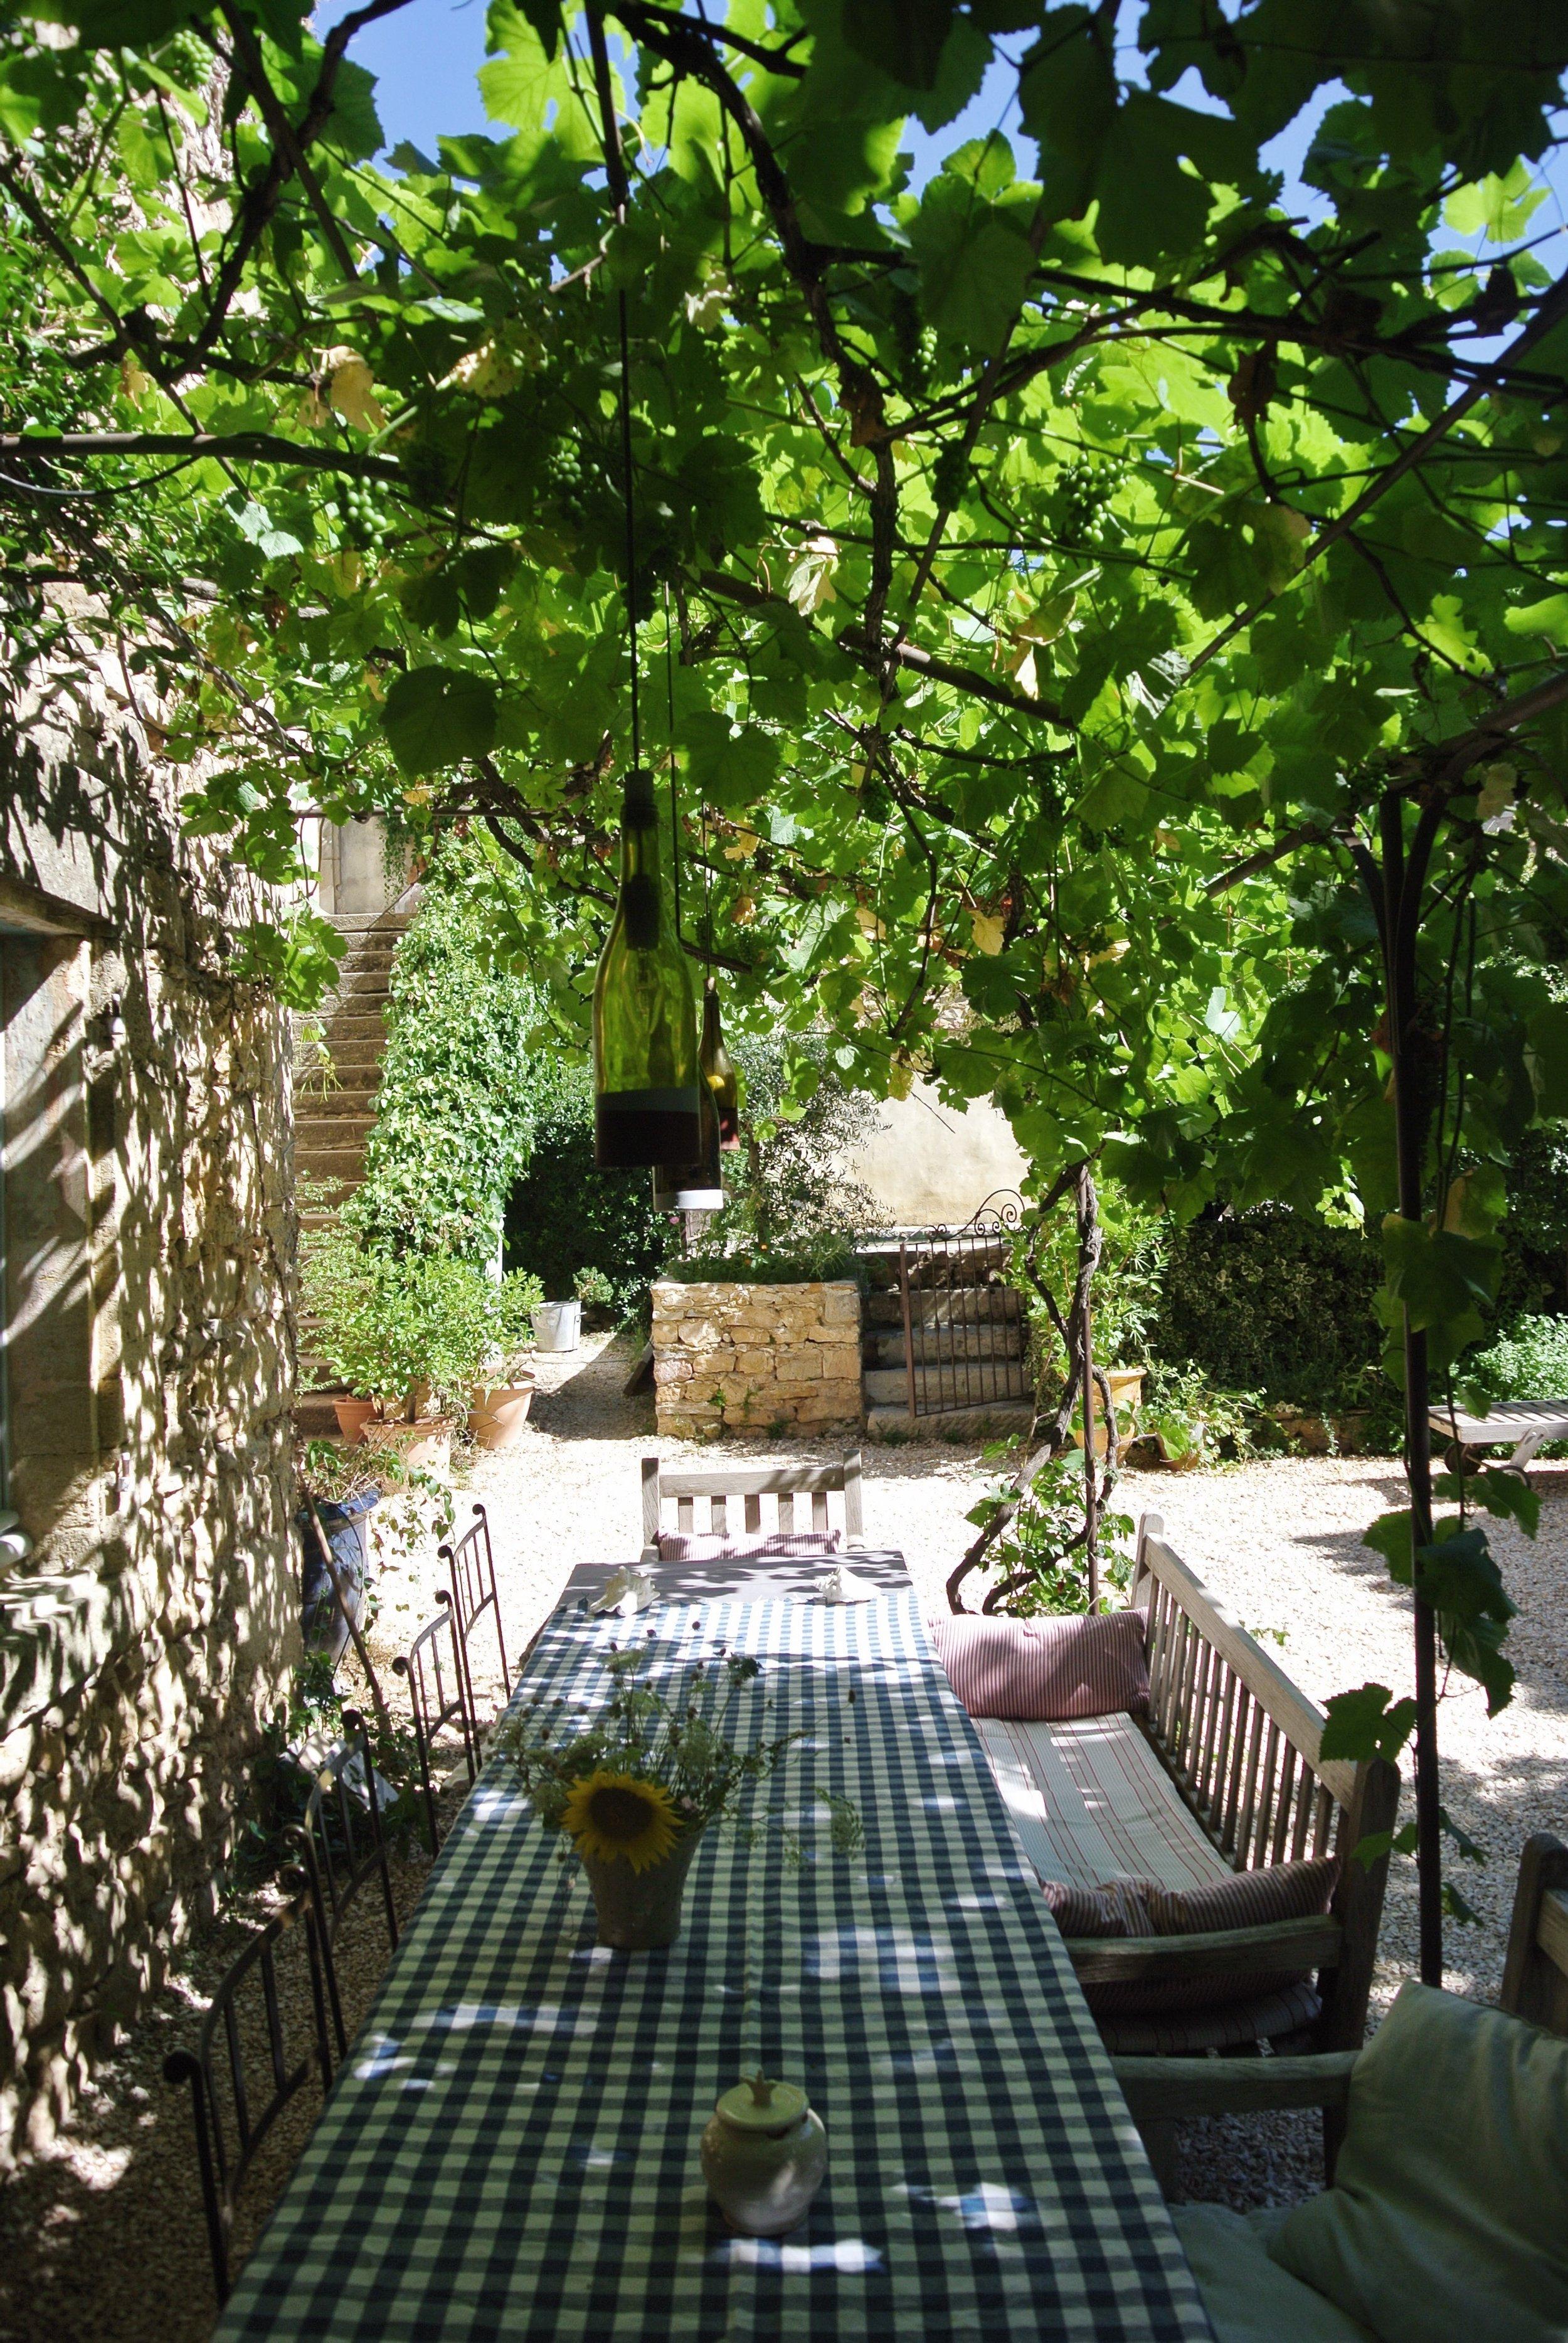 Les Sardines Provence358408B4-ABCE-4033-808A-44F077D0C6E5.JPG